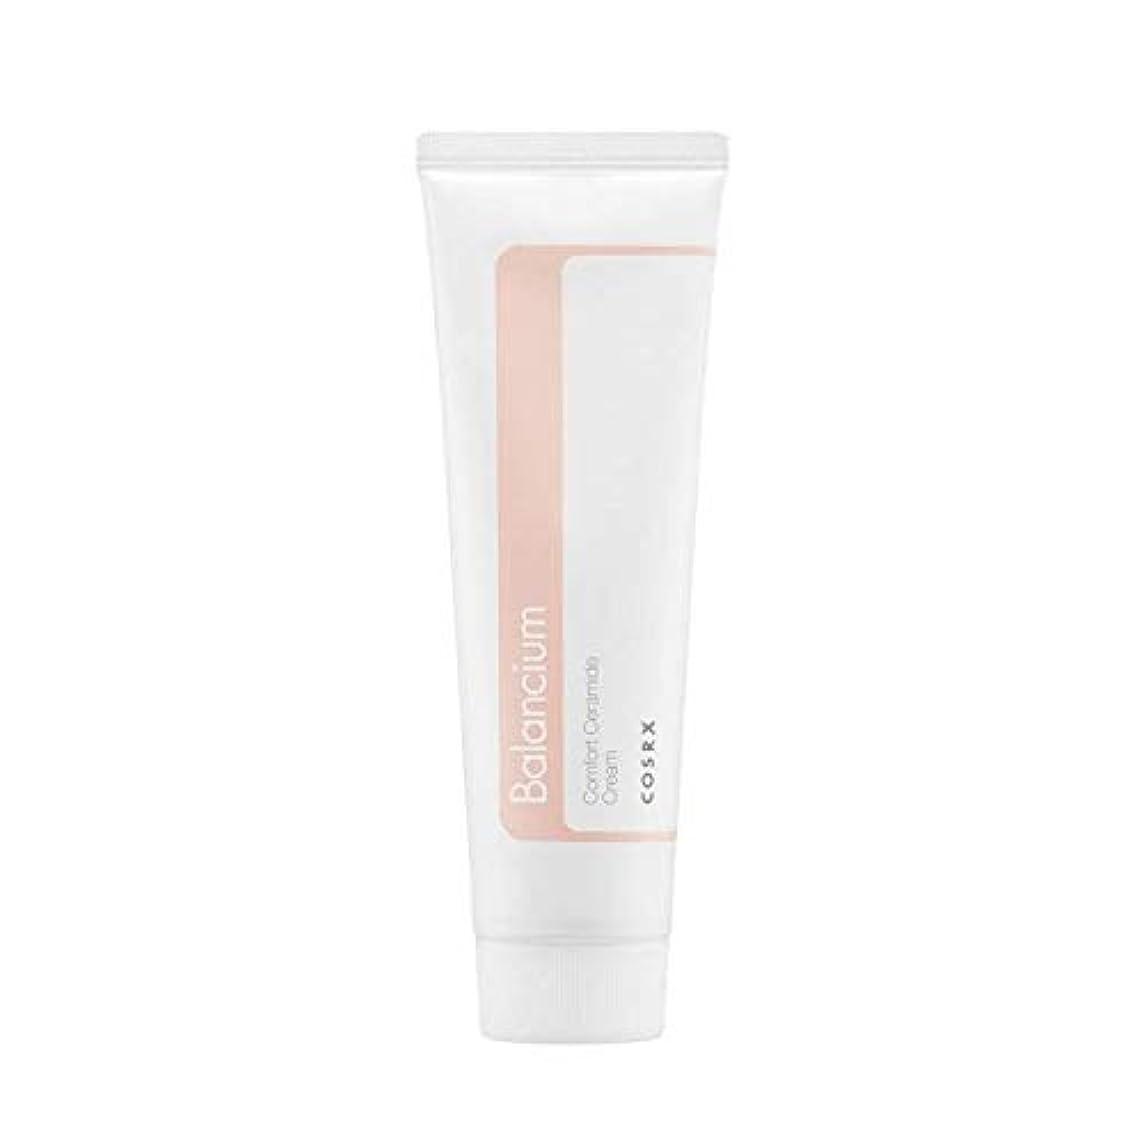 人質モトリー脚COSRX バランシウム コンポート セラミド クリーム / Balancium Comfort Ceramide Cream (80g) [並行輸入品]